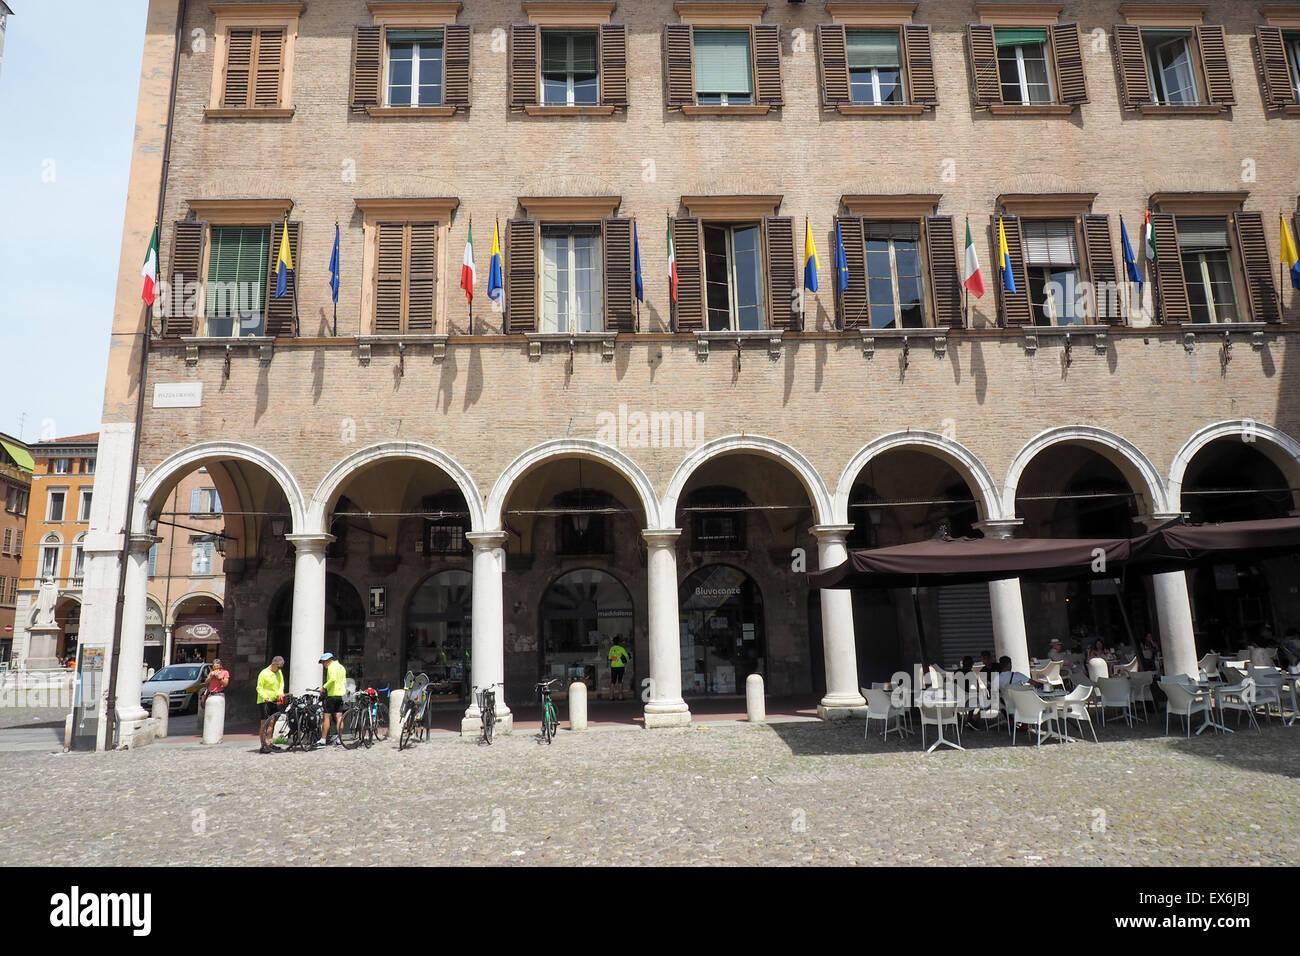 Radfahrer bereitet um ihre Fahrräder an der Piazza Grande, Modena zu montieren. Stockbild